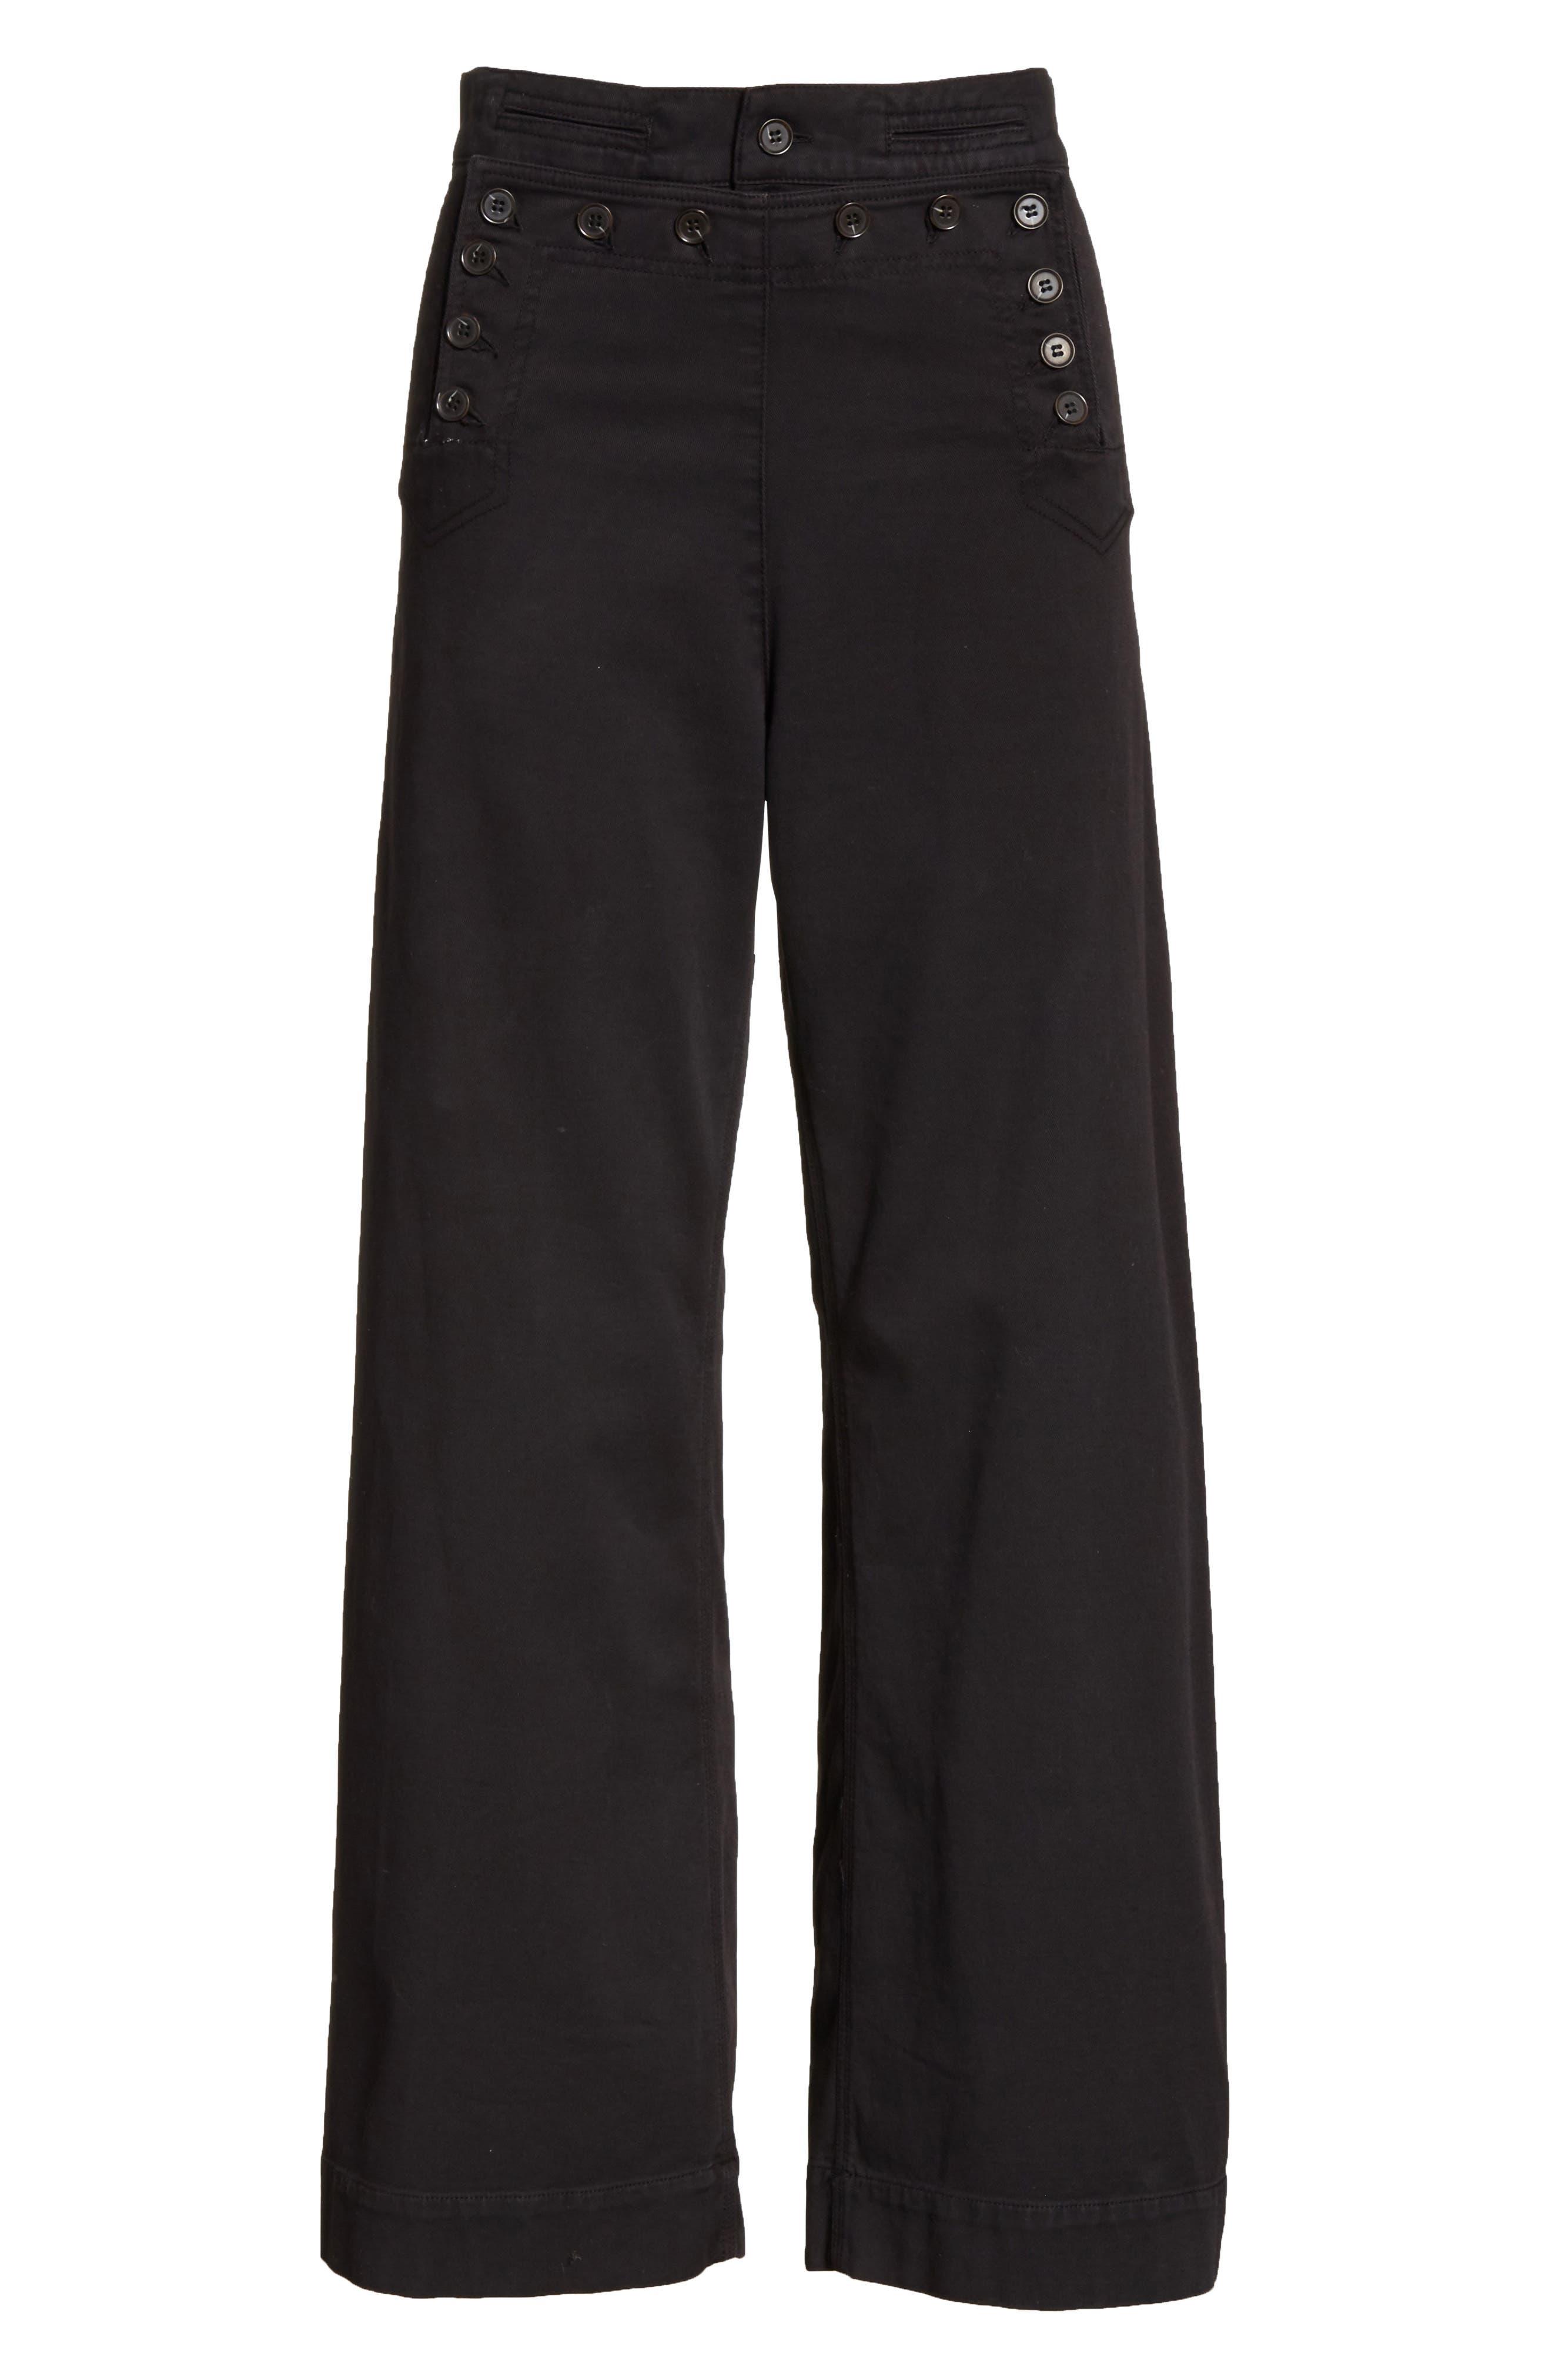 Pierce Crop Pants,                             Alternate thumbnail 6, color,                             Black